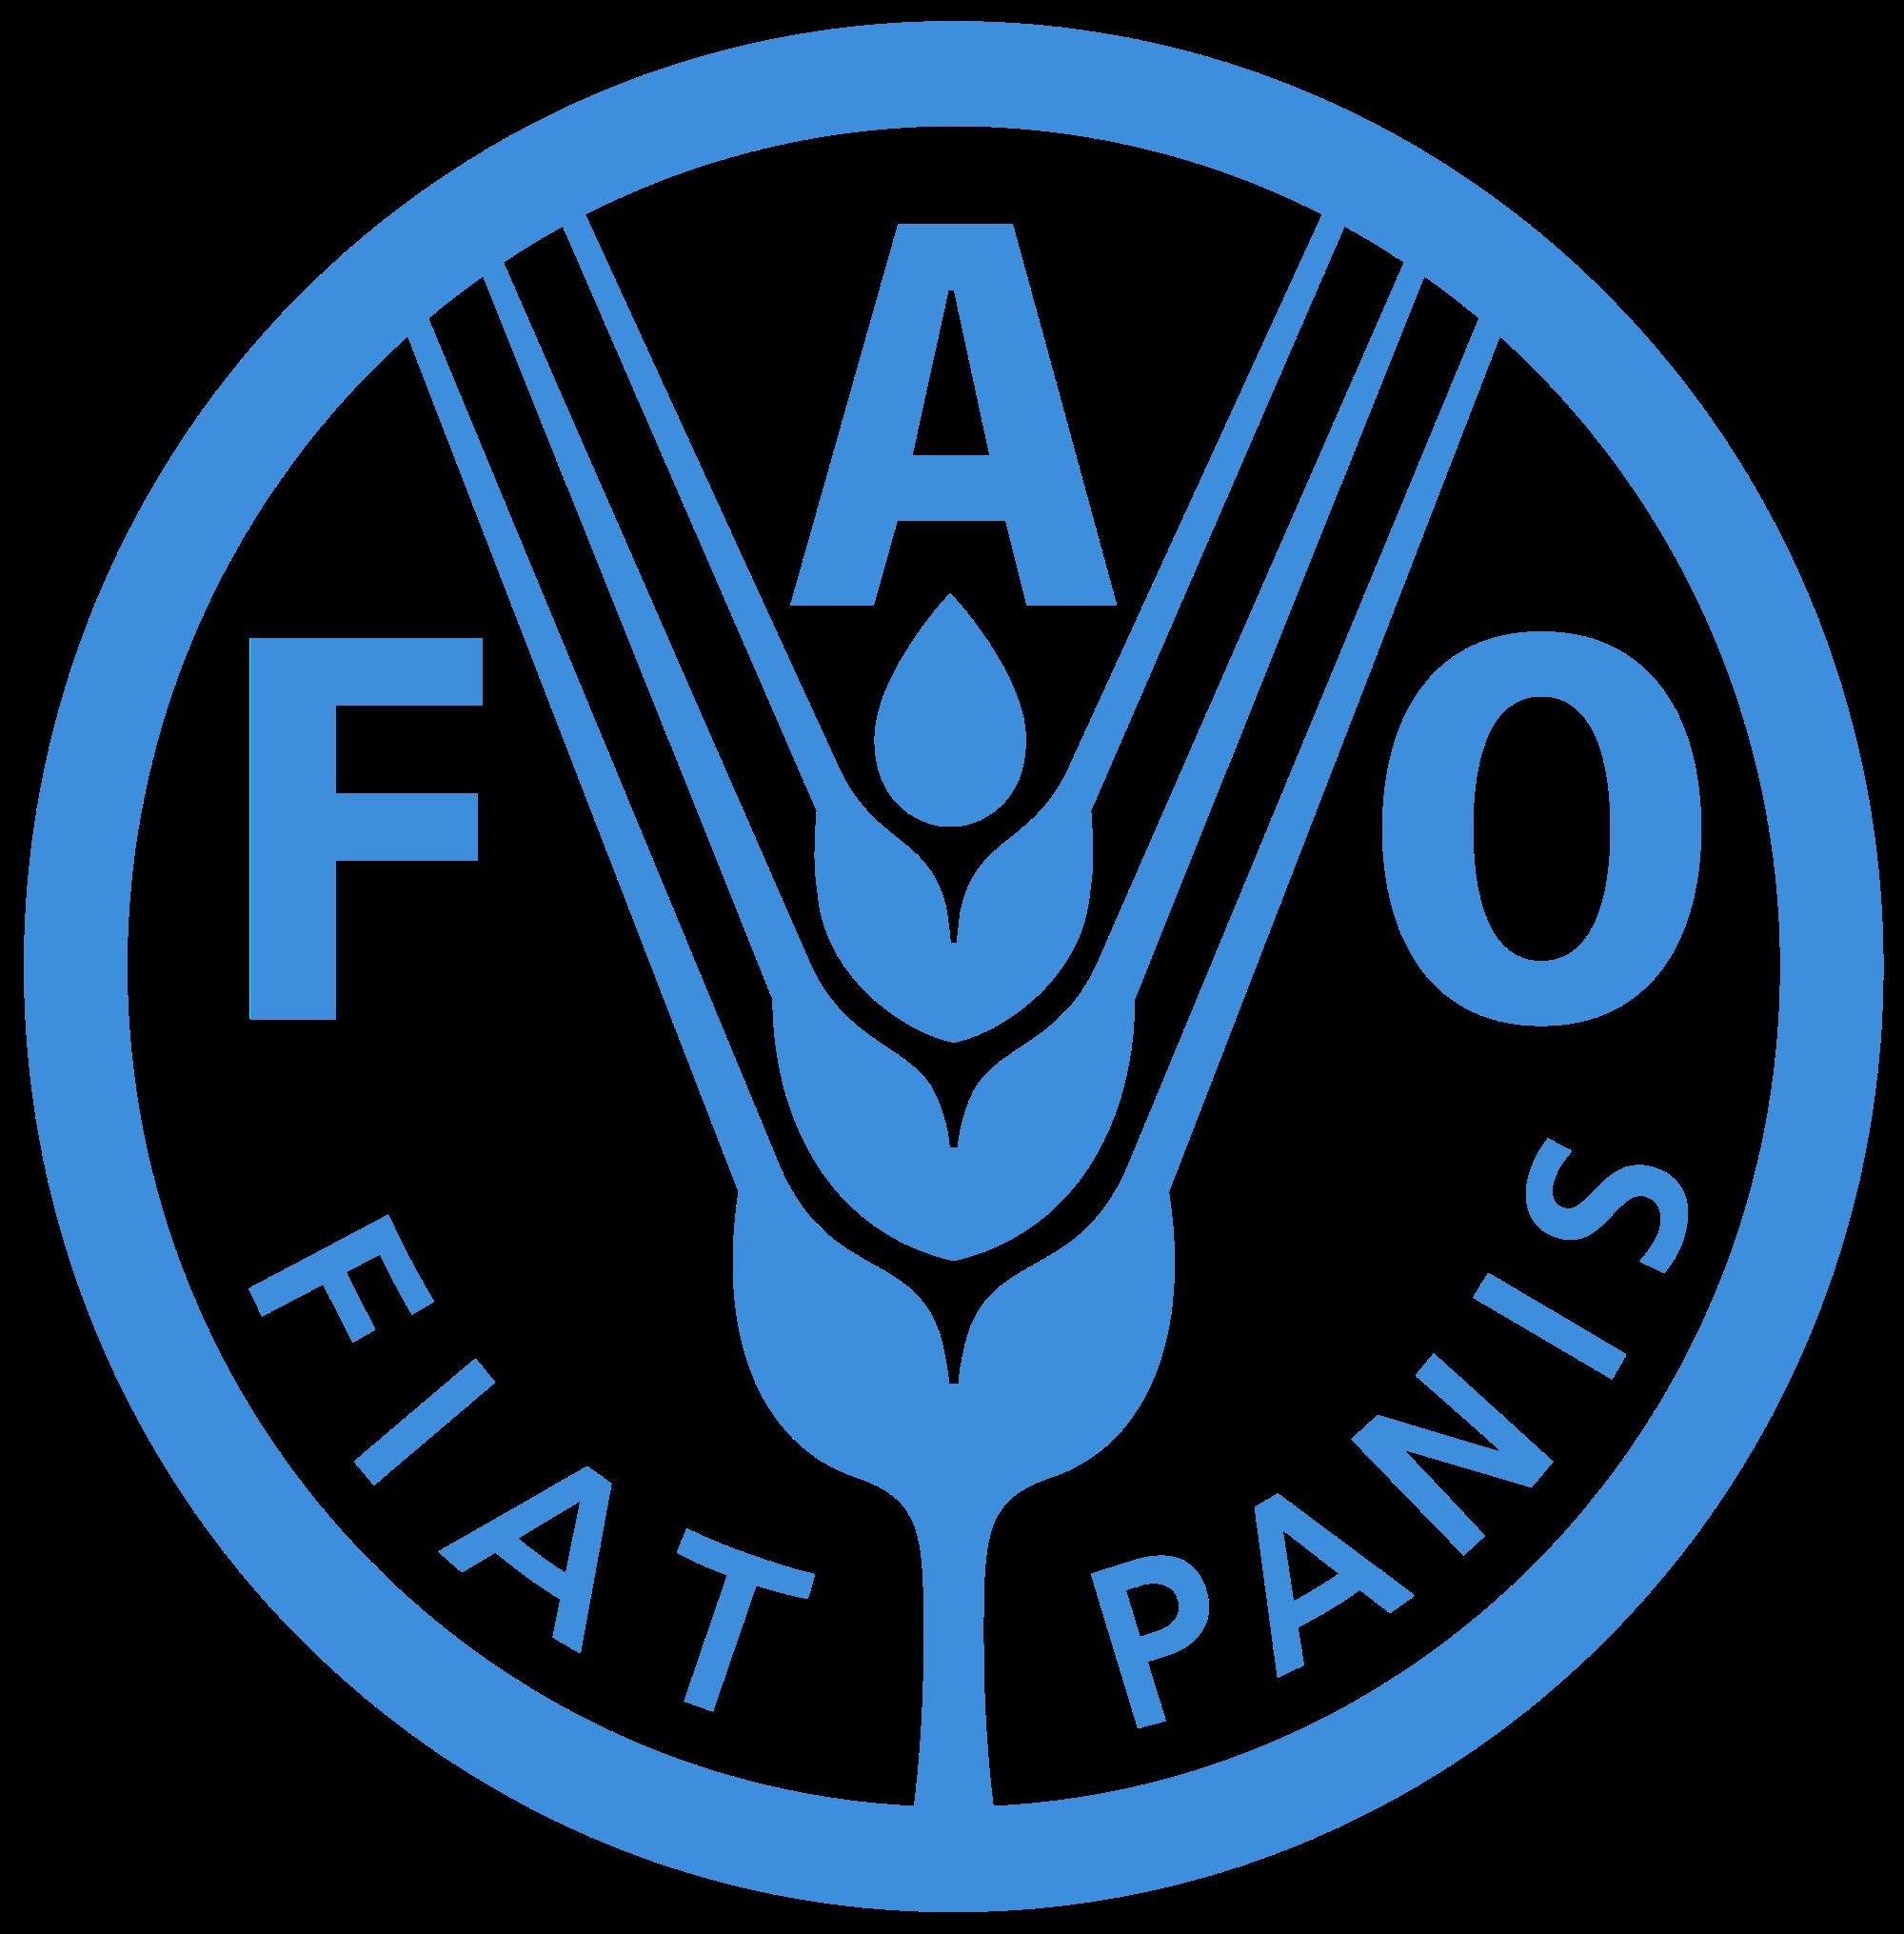 2000px Fao Logo Svg Png 2000 2031 Seguridad Alimentaria Organismos Internacionales Onu Logo